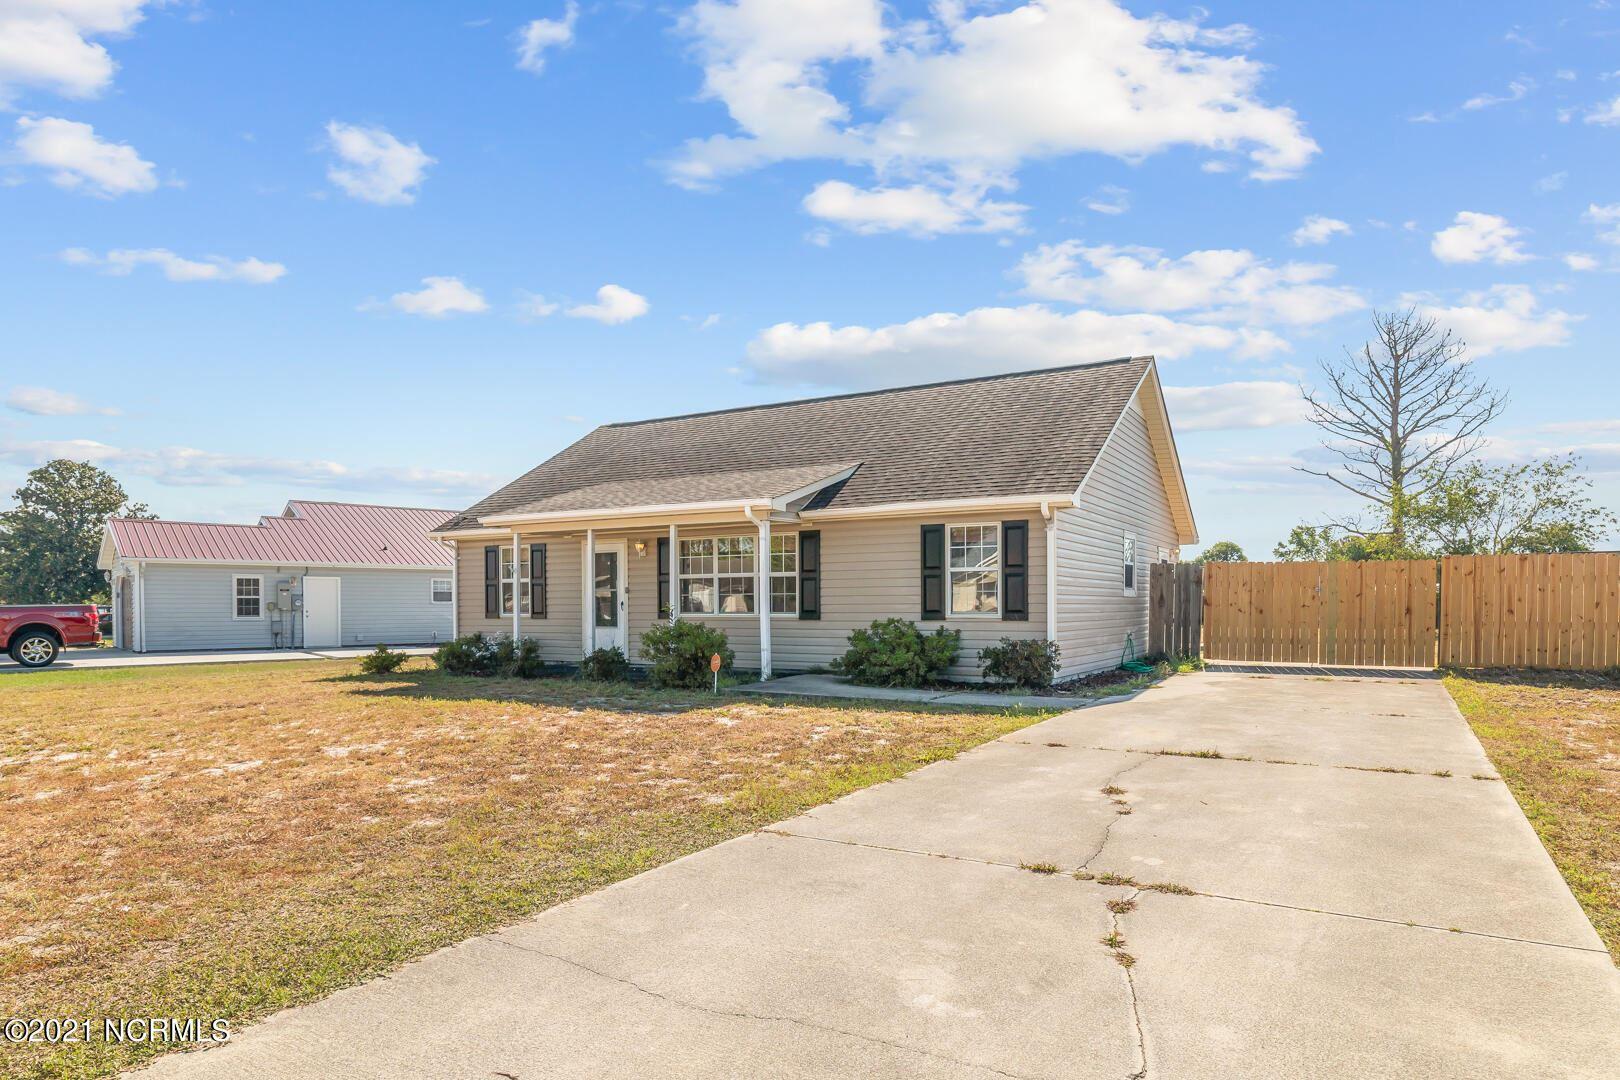 Photo of 116 Dayrell Drive, Hubert, NC 28539 (MLS # 100289909)